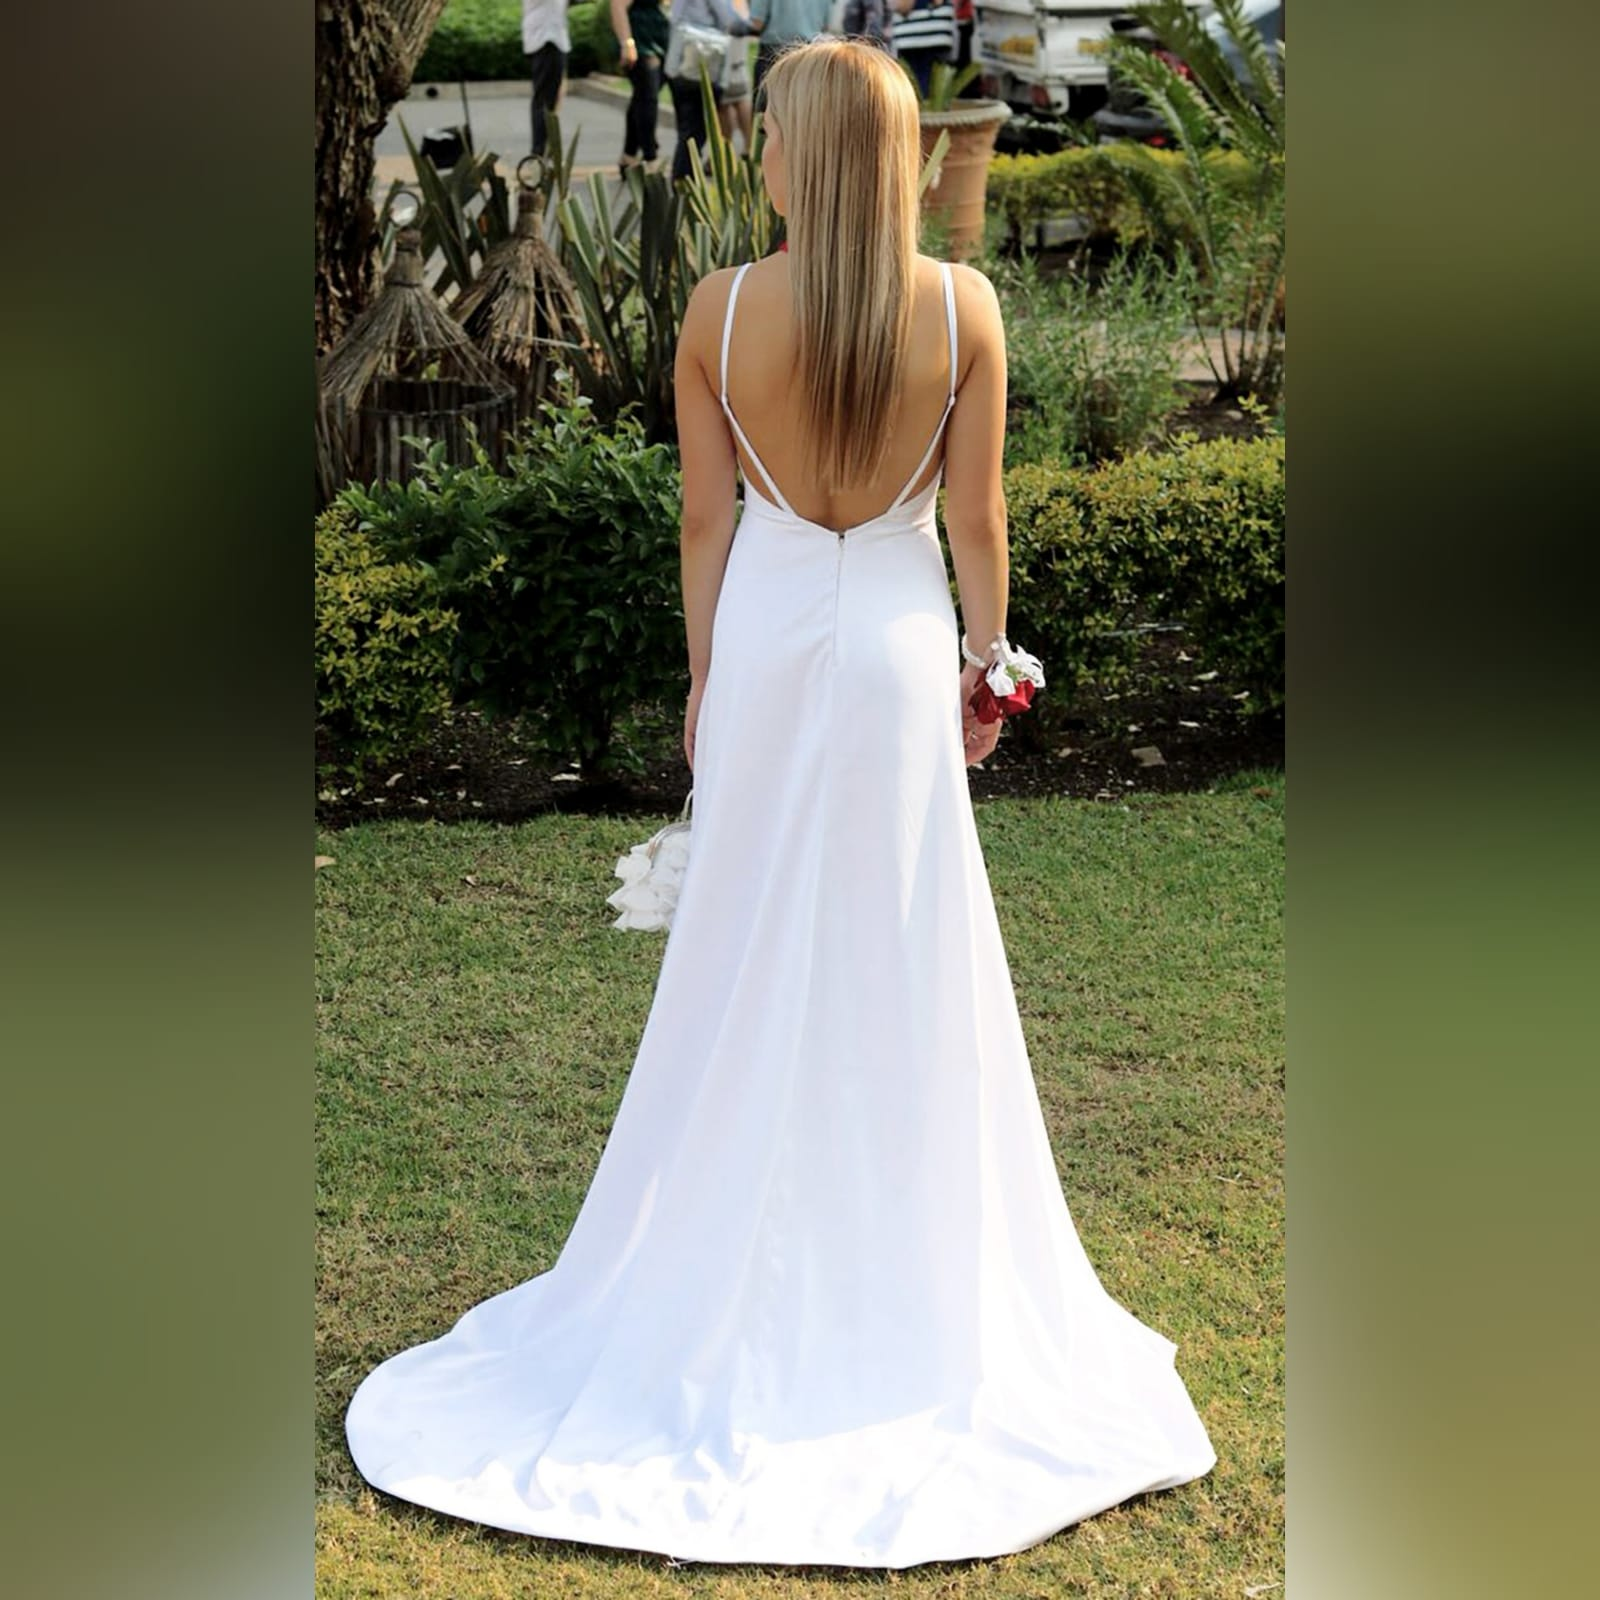 Vestido de finalistas longo de cetim branco com costas abertas 4 vestido de finalistas longo de cetim branco com costas abertas, com detalhe de fitas. Decote reto, 2 fendas e um trem.